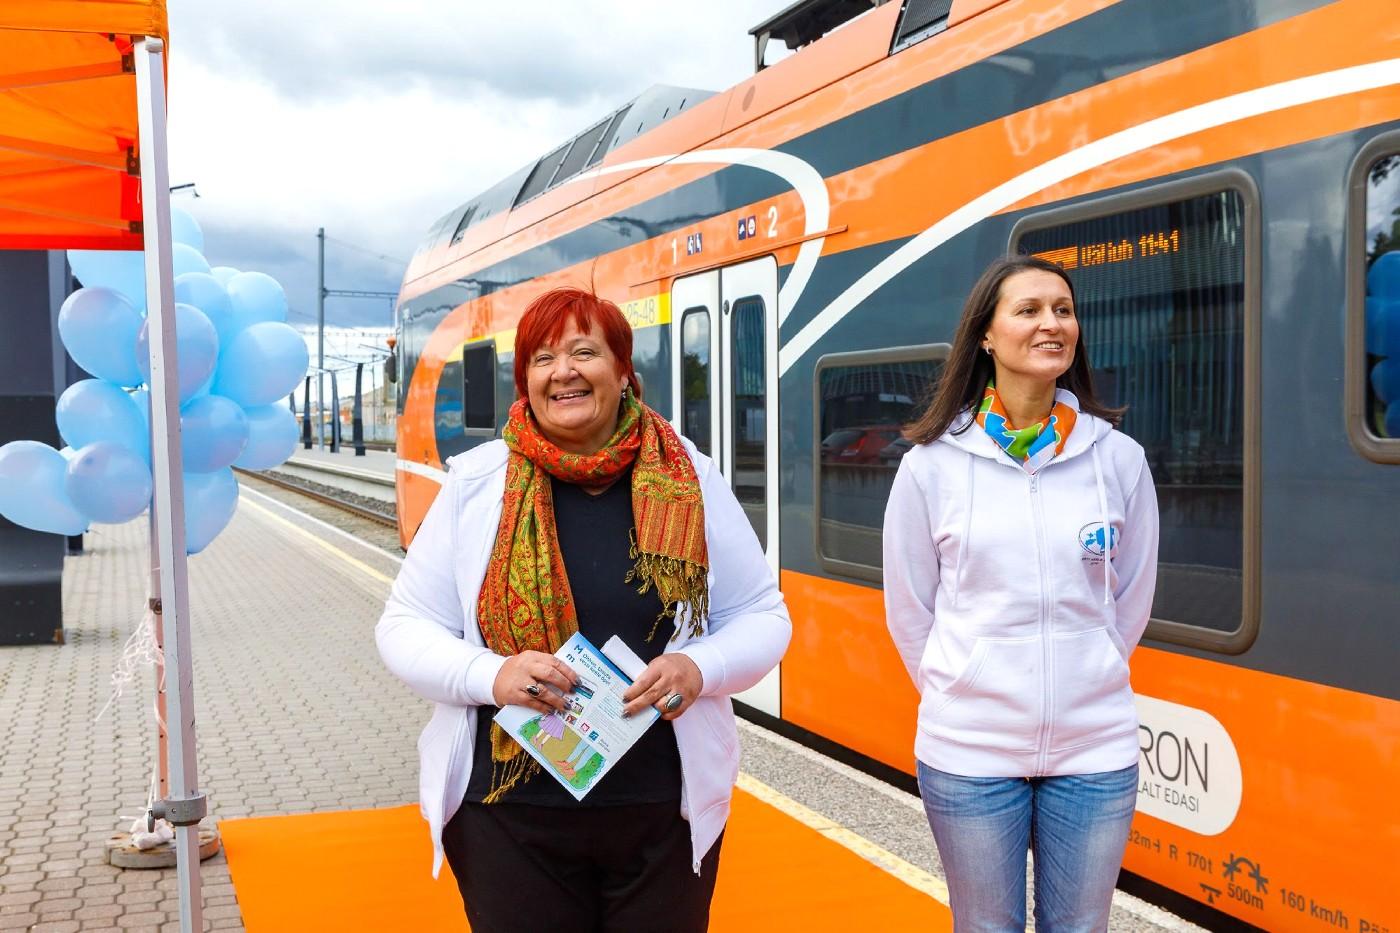 Первый поезд эстонского языка стартовал с Балтийского вокзала